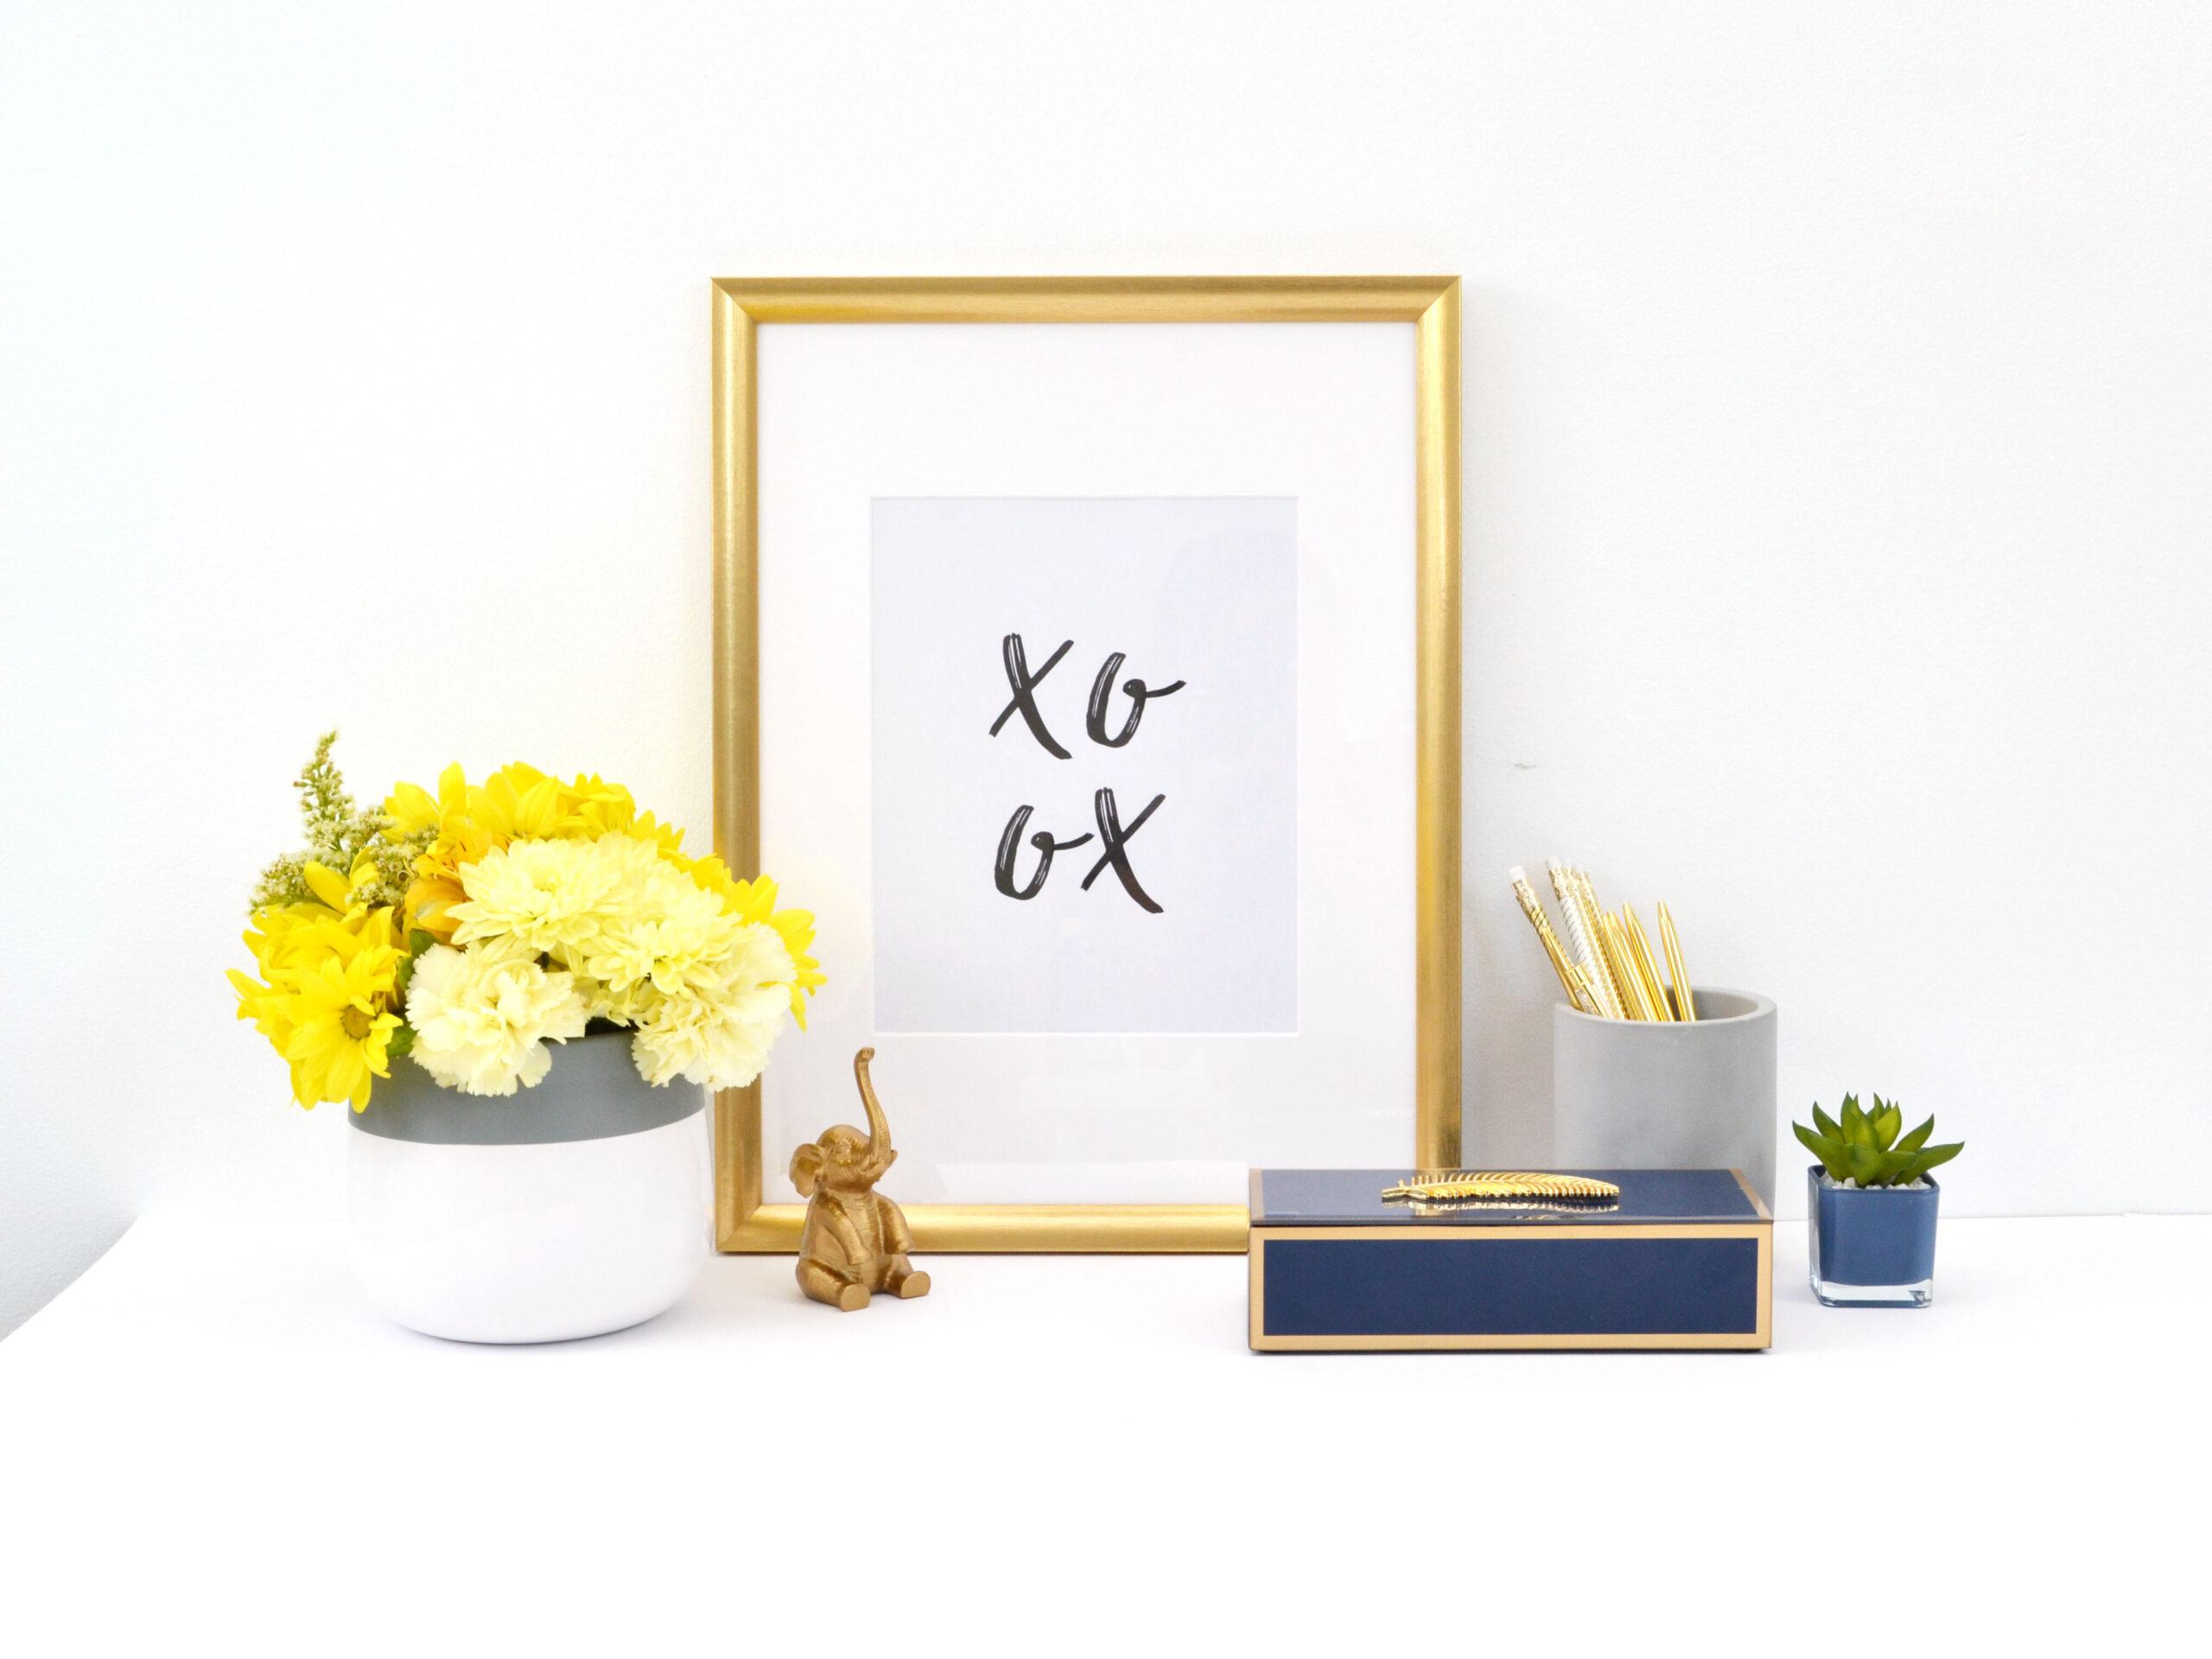 Framed photo, desk, prints, plant, work, office